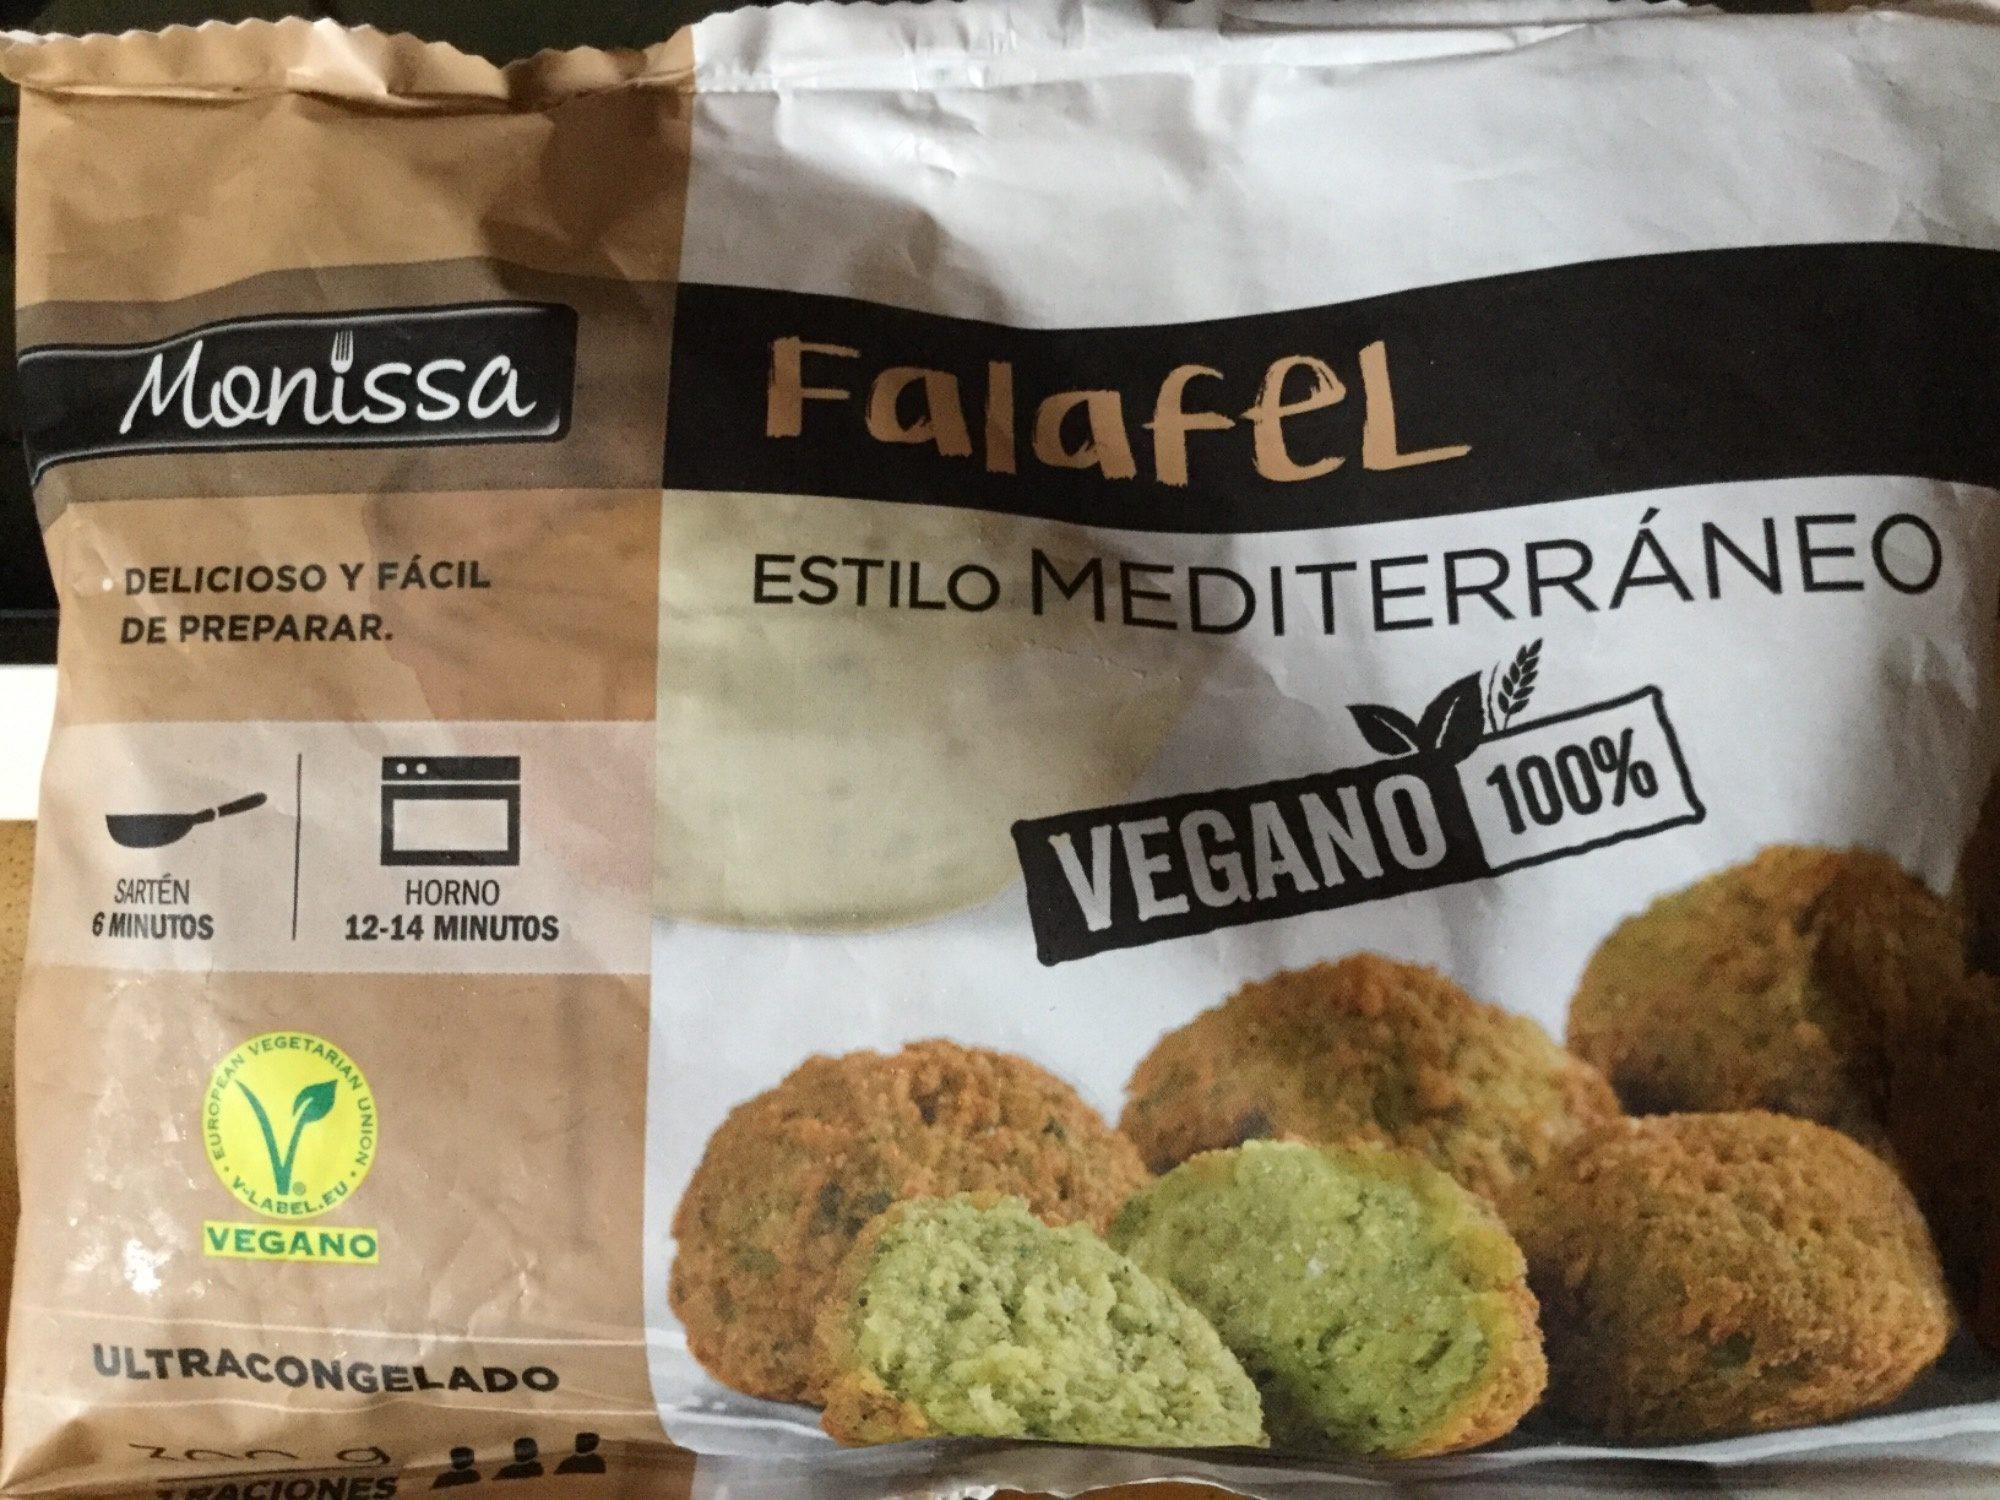 Falafel estilo mediterráneo - Producto - es